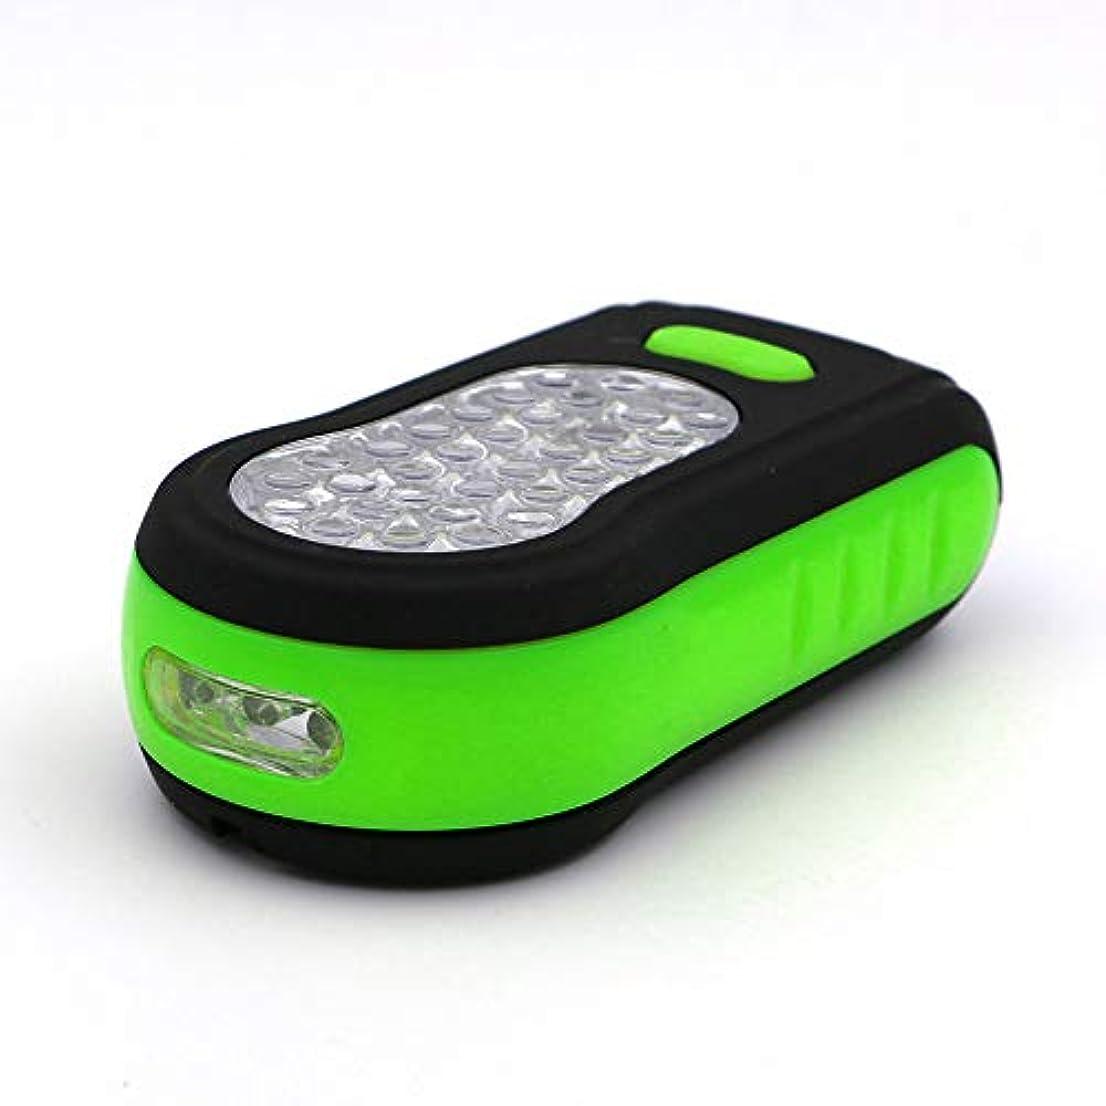 本体不足特徴づけるLED ランタン テントライト プラスチック製作業灯 アウトドア キャンプ用